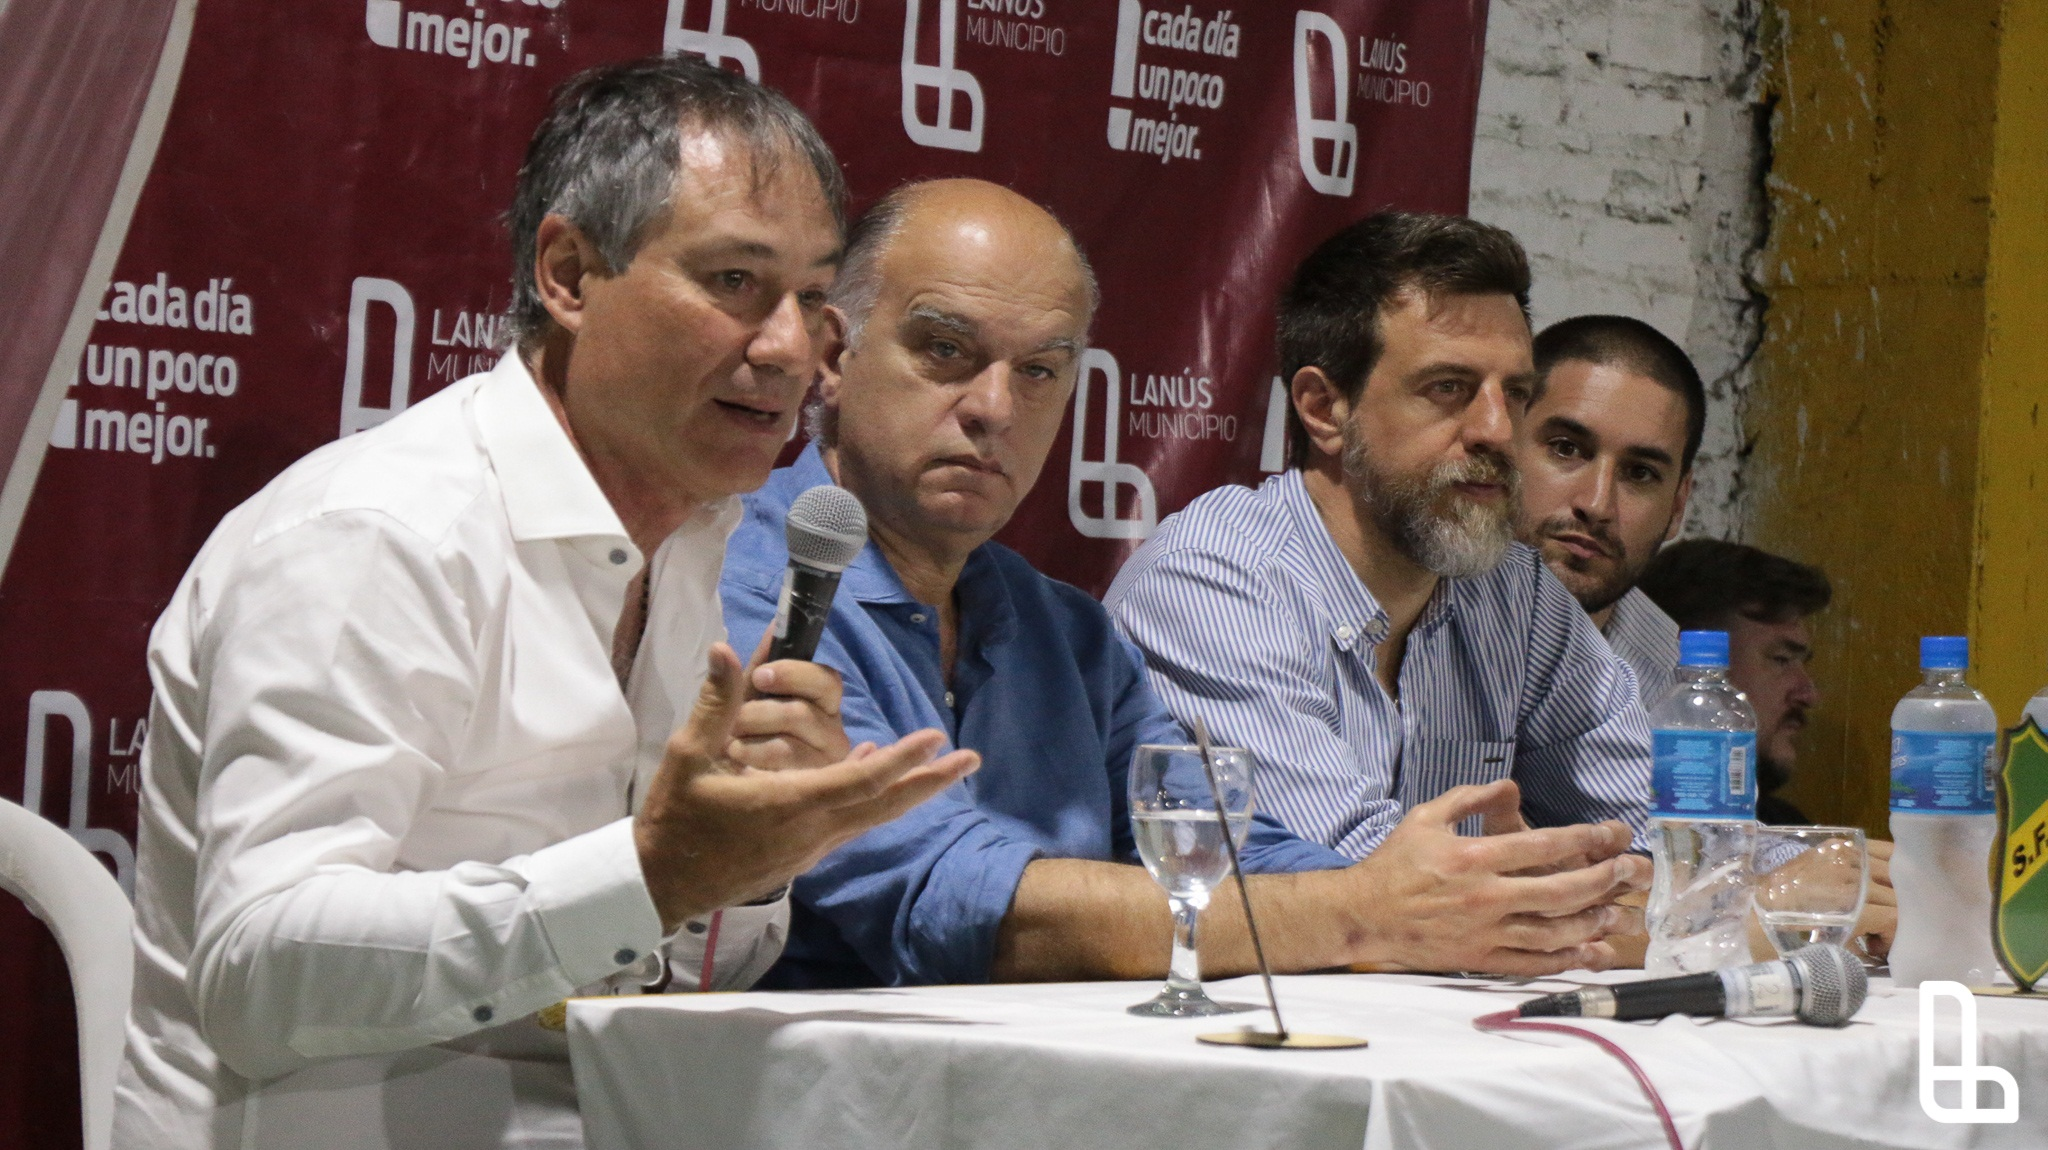 El DT de Independiente, Ariel Holan, brindó un seminario en Lanús